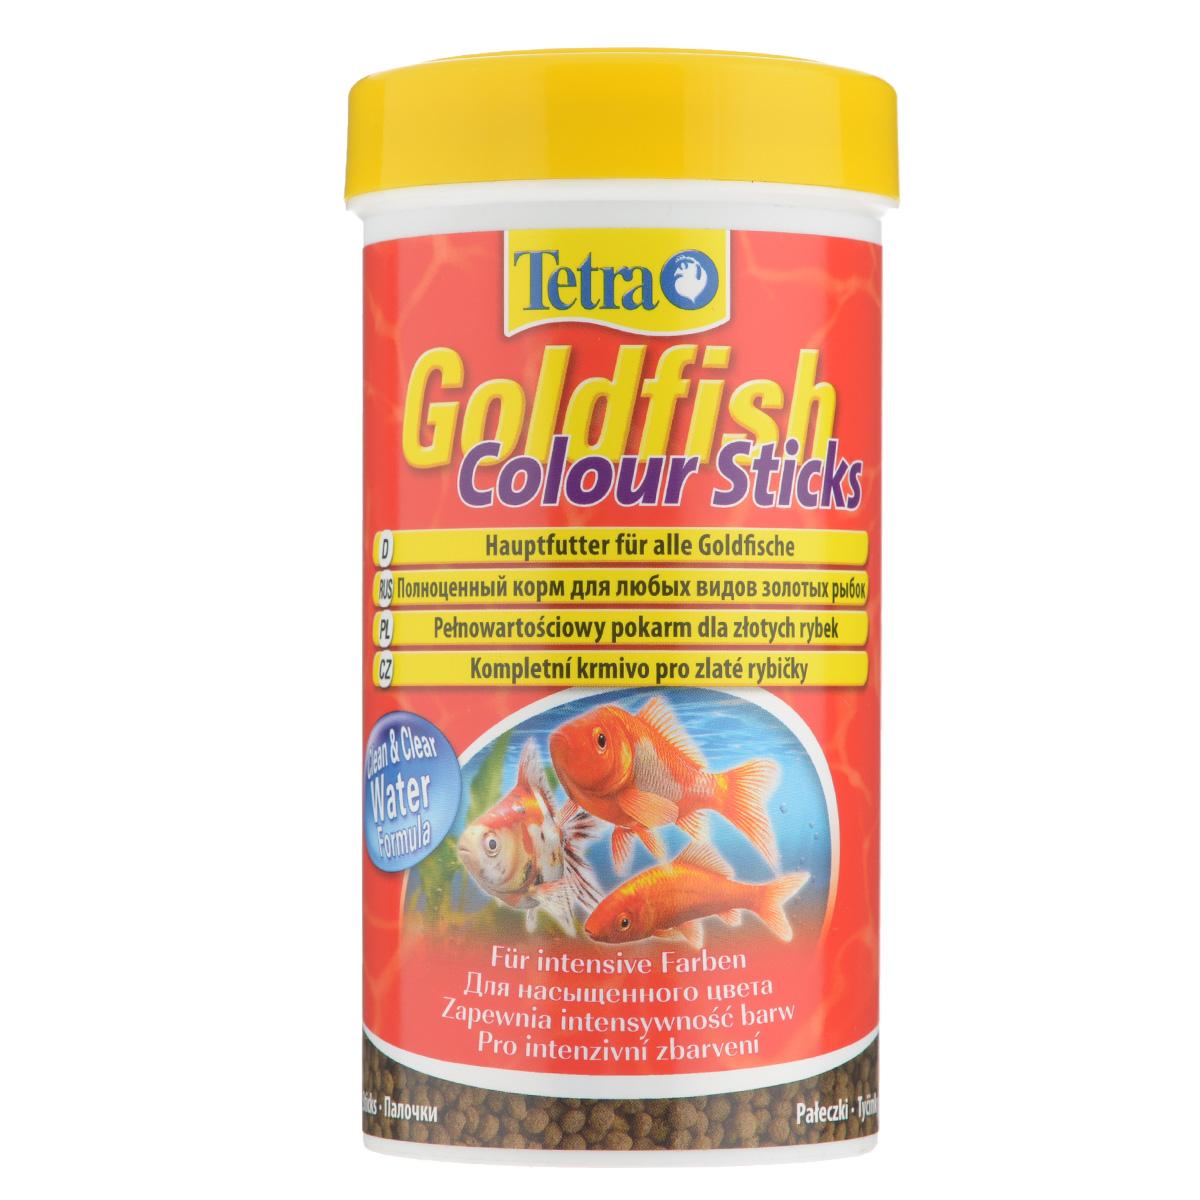 Корм сухой Tetra Goldfish Colour Sticks для любых видов золотых рыбок, в виде палочек, 250 мл199071Корм Tetra Goldfish Colour Sticks - это высококачественный сбалансированный питательный корм для любых видов золотых рыбок. Превосходное качество корма - гарантия лучшего для ваших золотых рыбок. Особенности Tetra Goldfish Colour Sticks: усилители цвета обеспечивают яркую и интенсивную окраску, формула Clean & Clean Water и запатентованная формула BioActive - для поддержания здоровья и продолжительности жизни. Рекомендации по кормлению: кормить несколько раз в день маленькими порциями. Характеристики: Состав: рыба и побочные рыбные продукты, экстракты растительного белка, зерновые культуры, растительные продукты, овощи, дрожжи, моллюски и раки, масла и жиры, водоросли (спирулина максима 6,0%), минеральные вещества. Пищевая ценность: сырой белок - 30%, сырые масла и жиры - 6%, сырая клетчатка - 2,0%, влага - 8%. Добавки: витамины, провитамины и химические вещества с аналогичным воздействием:...